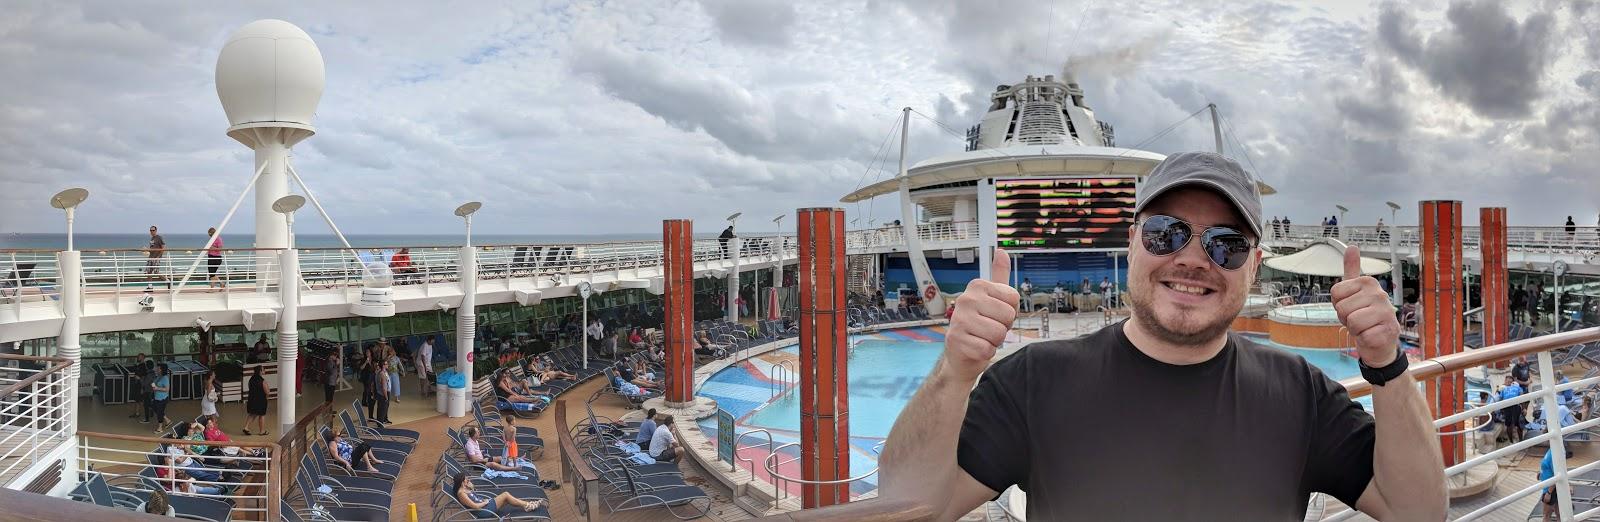 Panorama av øverste dekk, med bassenger og solsenger. Christoffer smiler og gir tommelen opp.